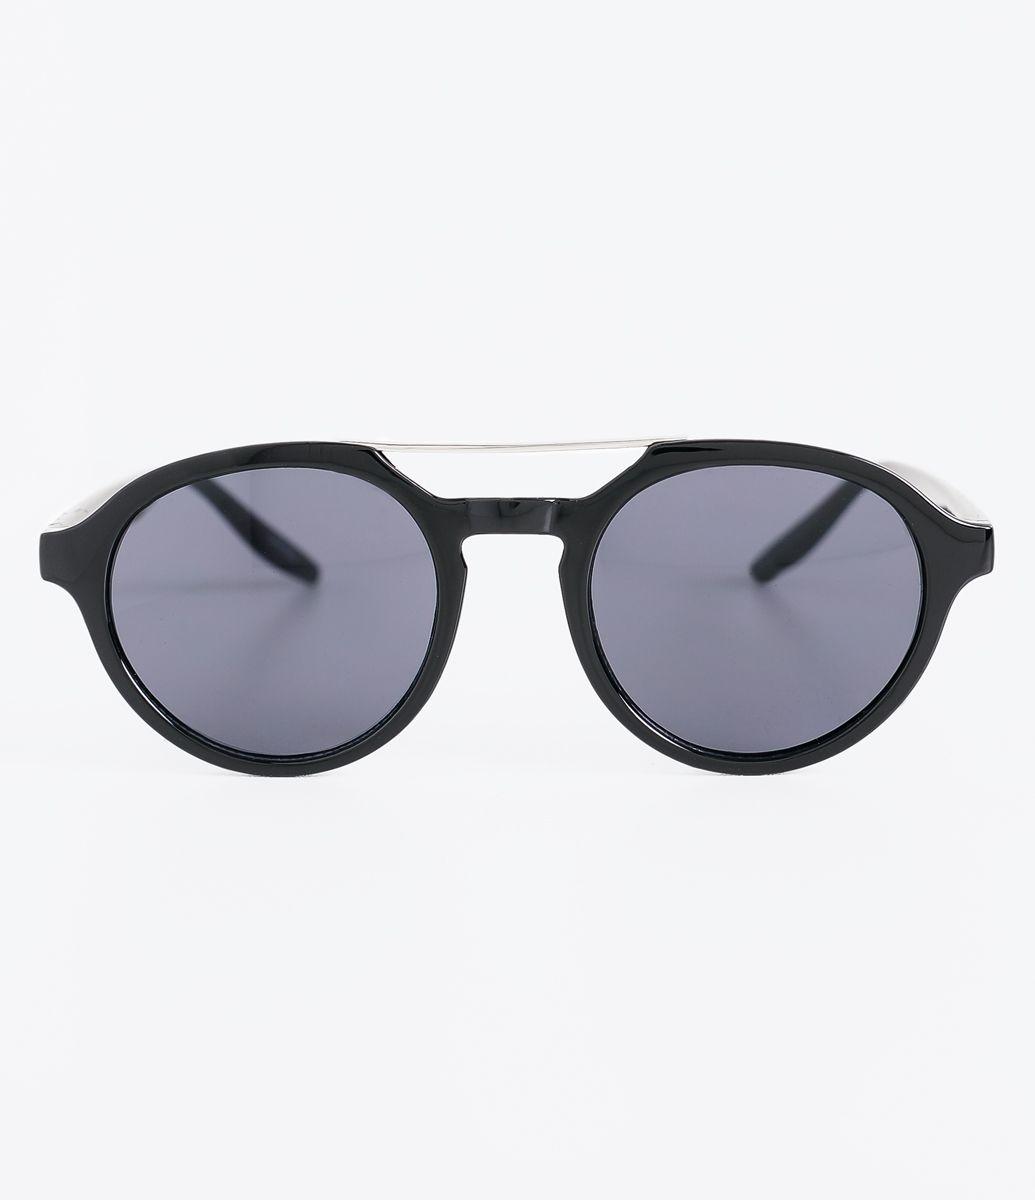 ff8b36ccd00c7 Óculos de sol Modelo redondo Hastes em acetato Lentes em acrílico Proteção  contra raios UVA